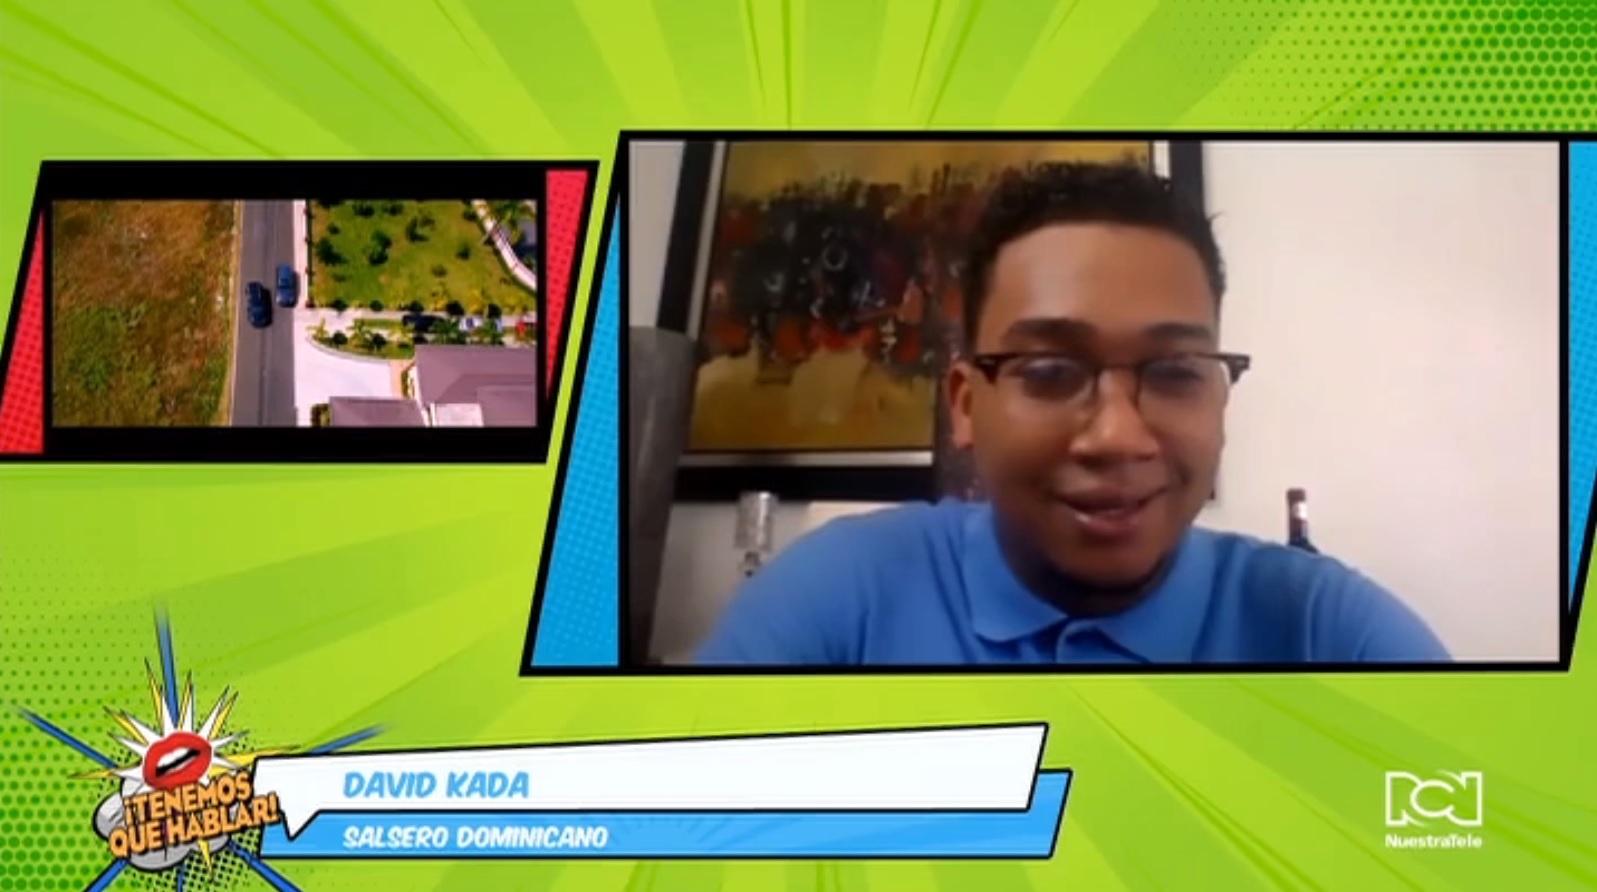 """David Kada es tendencia en las estaciones de radio de República Dominicana con los sencillos """"Tú eres la mía"""" y """"El amor de su vida"""""""